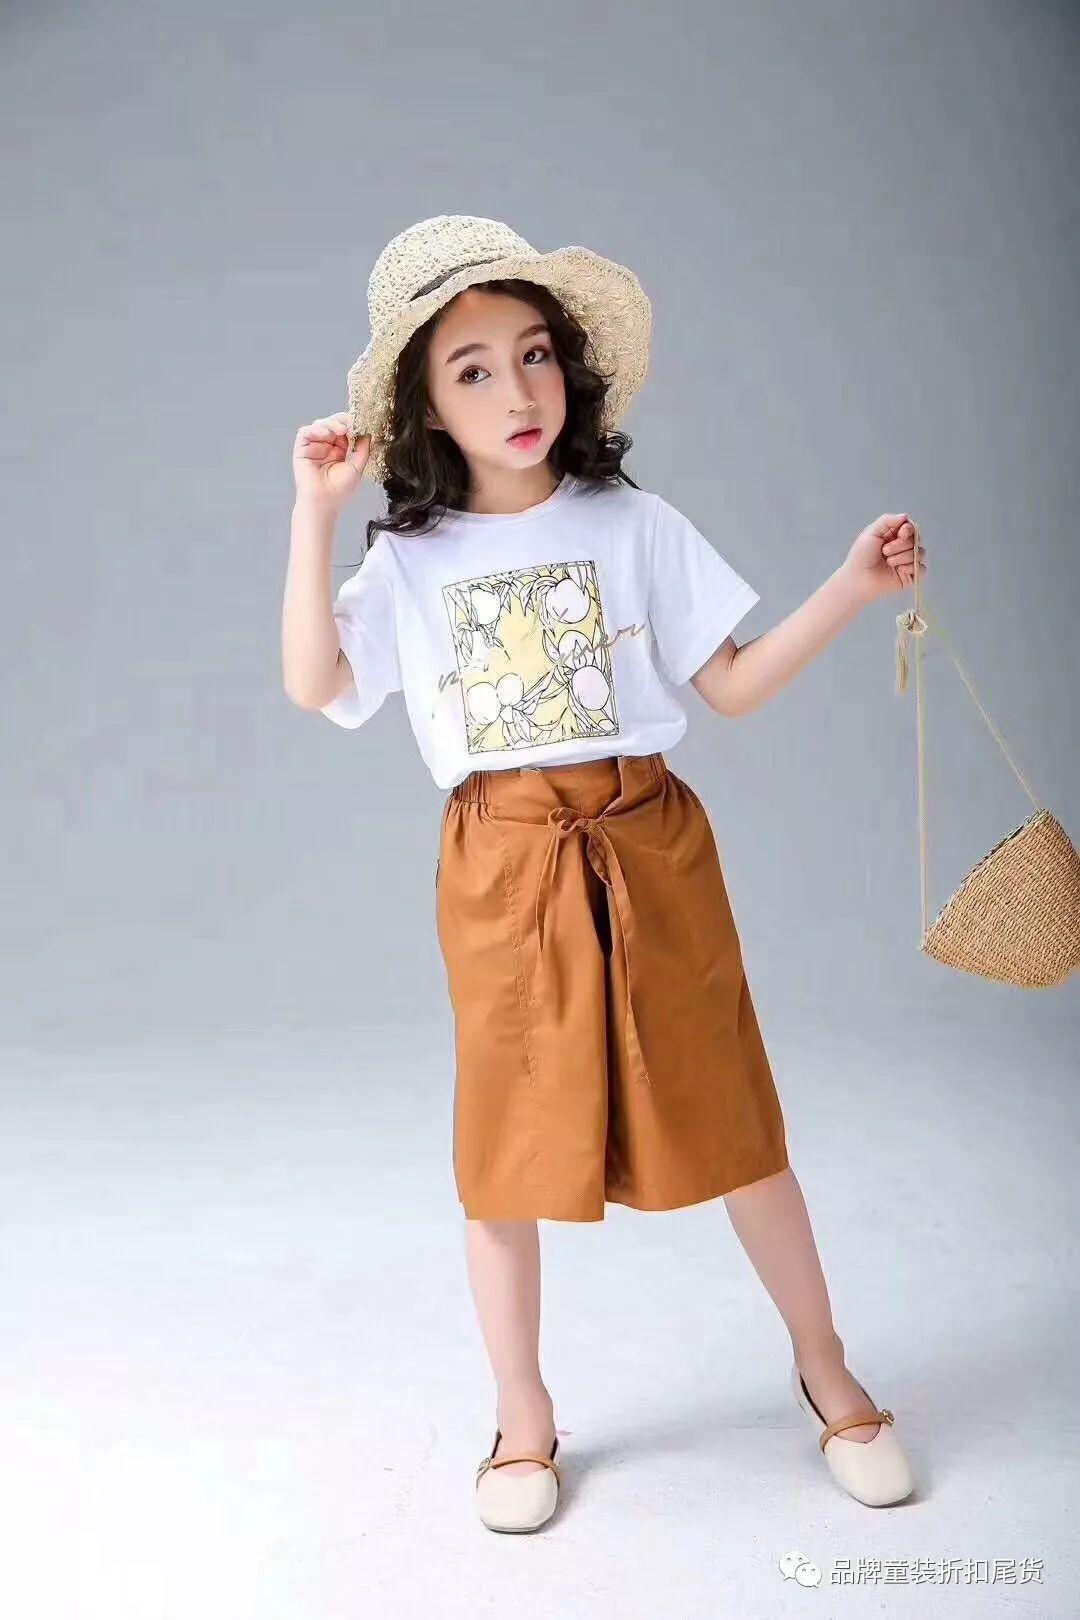 小神童服饰突显时尚个性、健康向上的特点